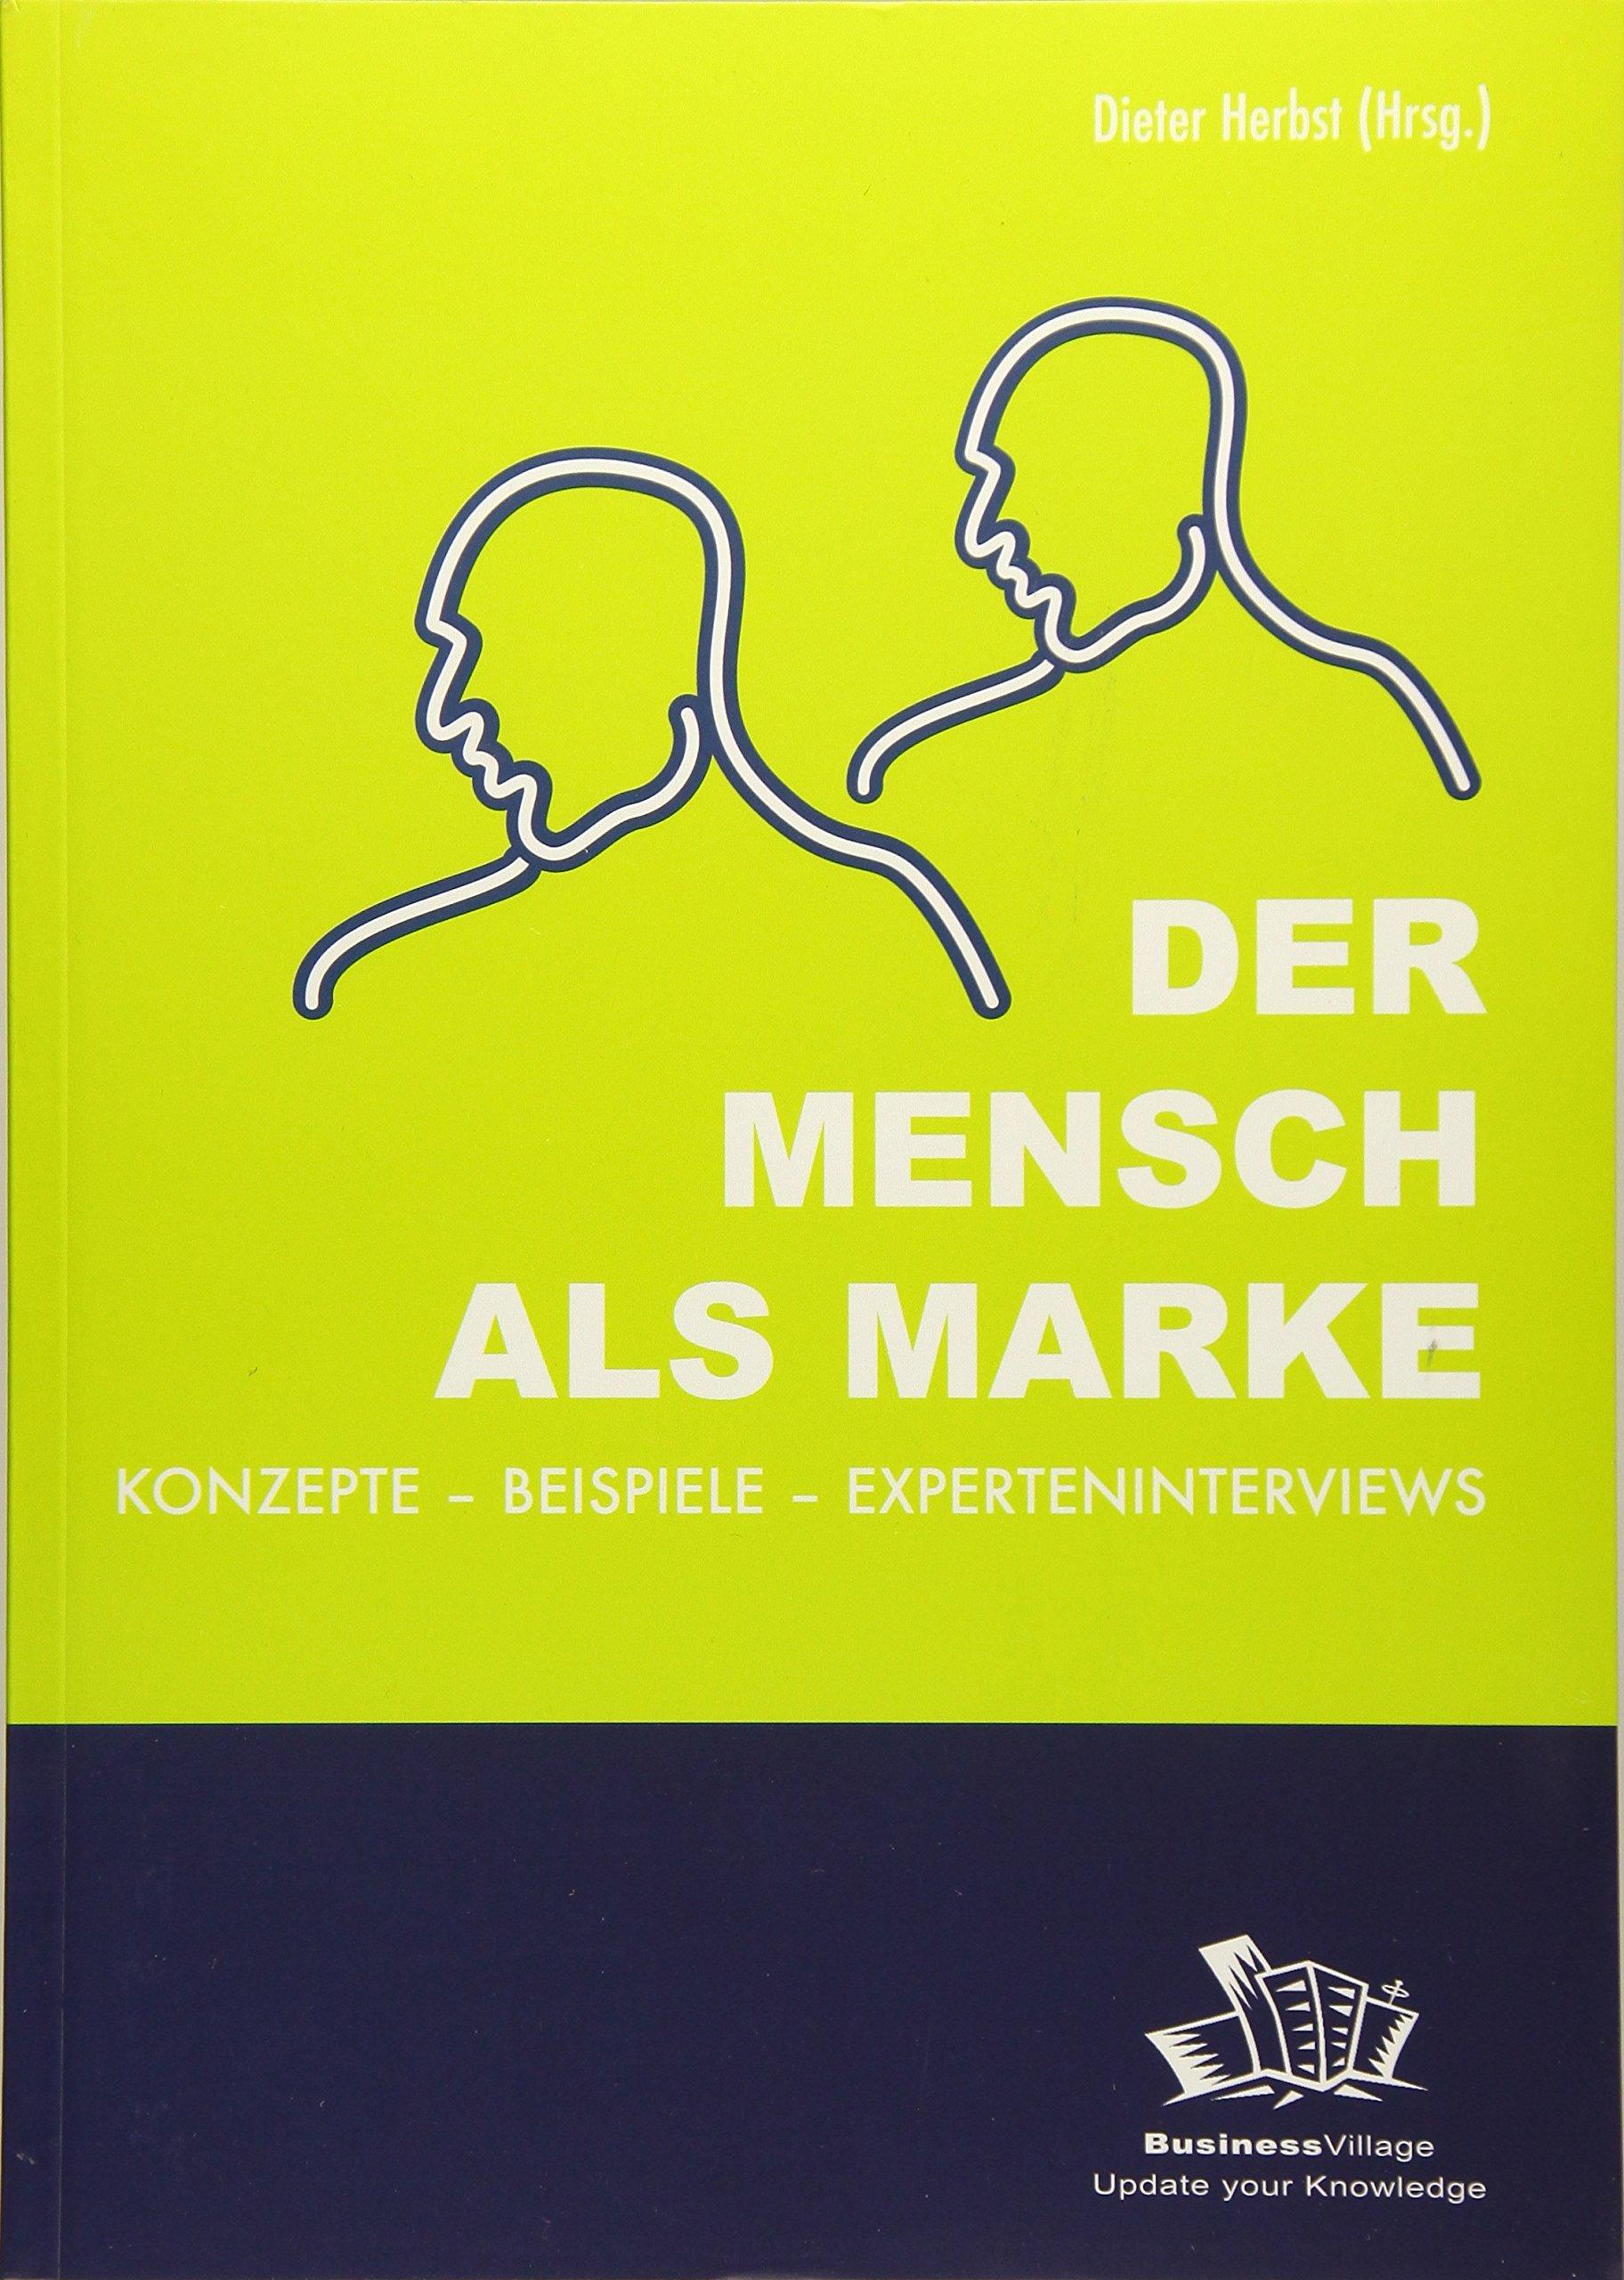 Der Mensch als Marke: Konzepte - Beispiele - Experteninterviews